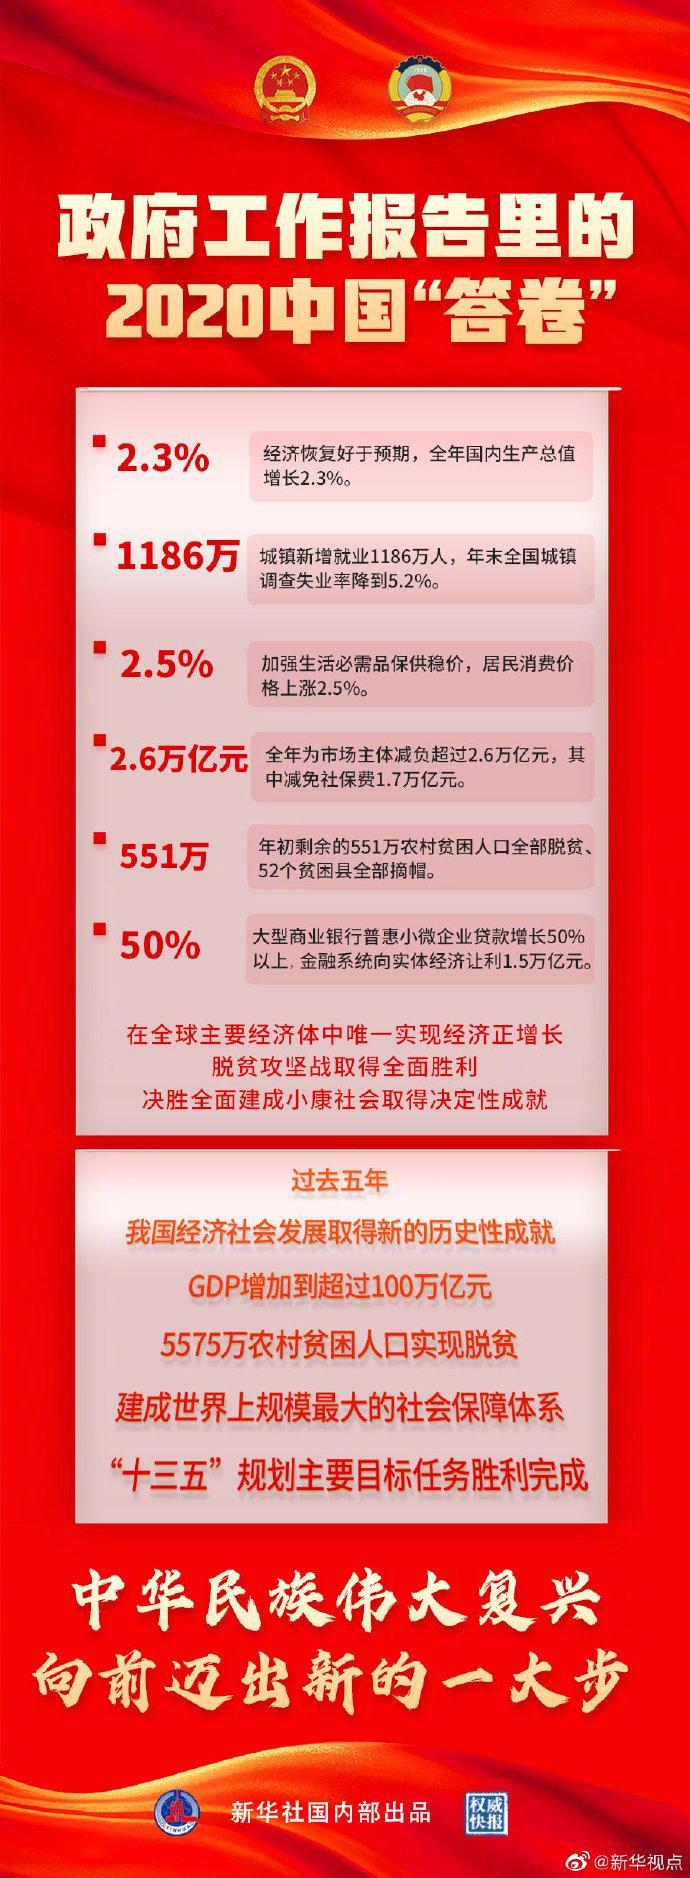 看!政府工作报告里的2020中国答卷